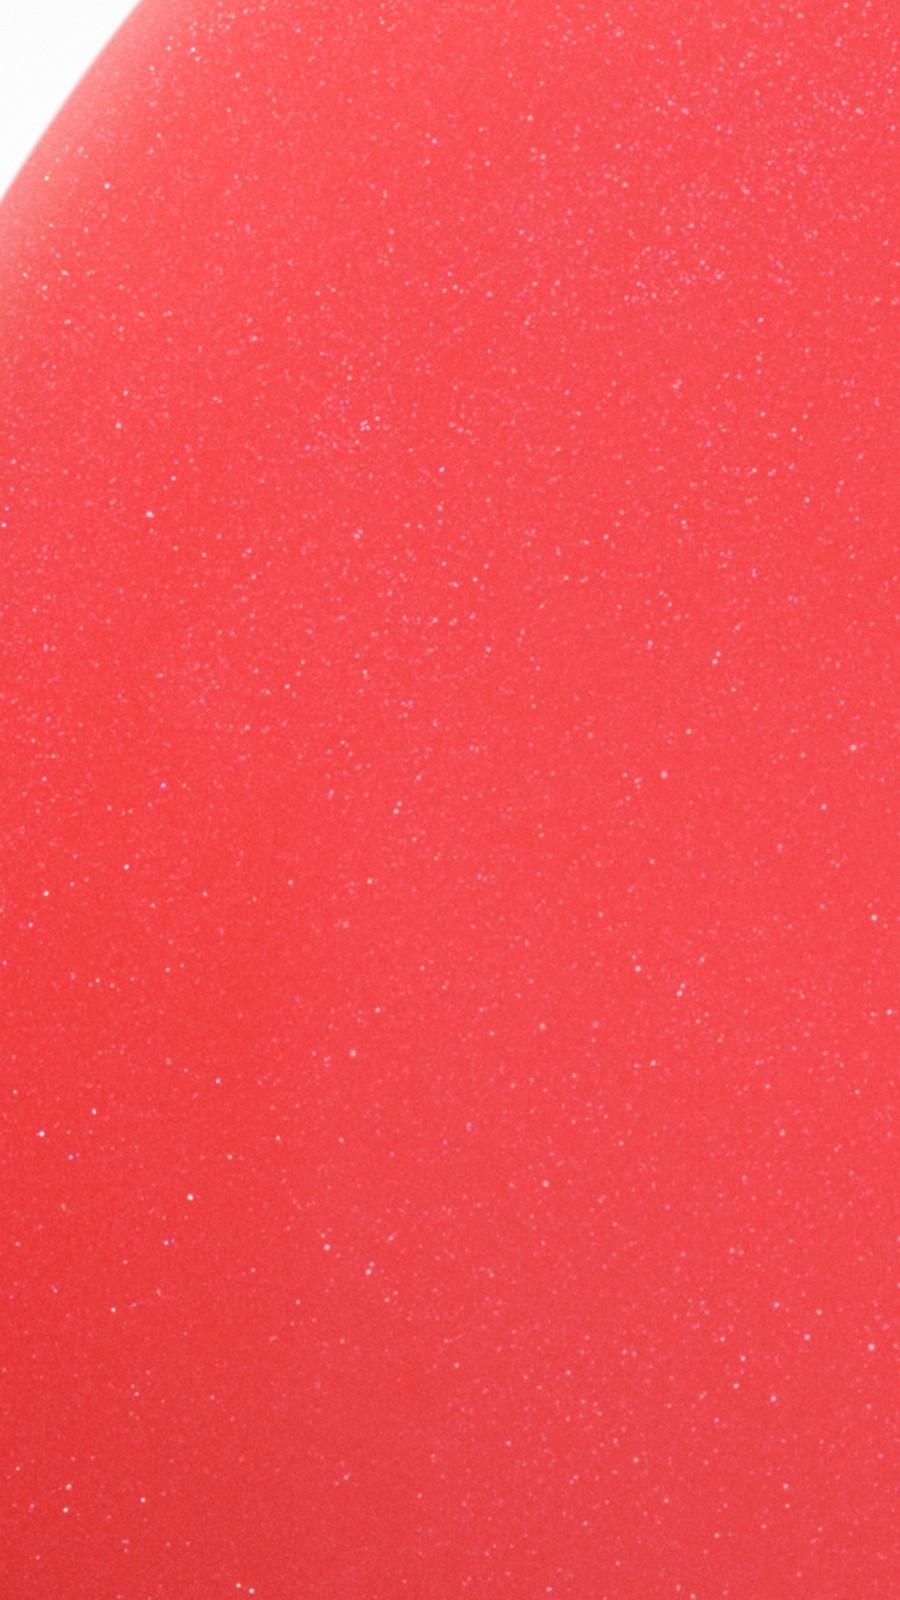 Orange poppy 221 Nail Polish - Orange Poppy No.221 - Image 2